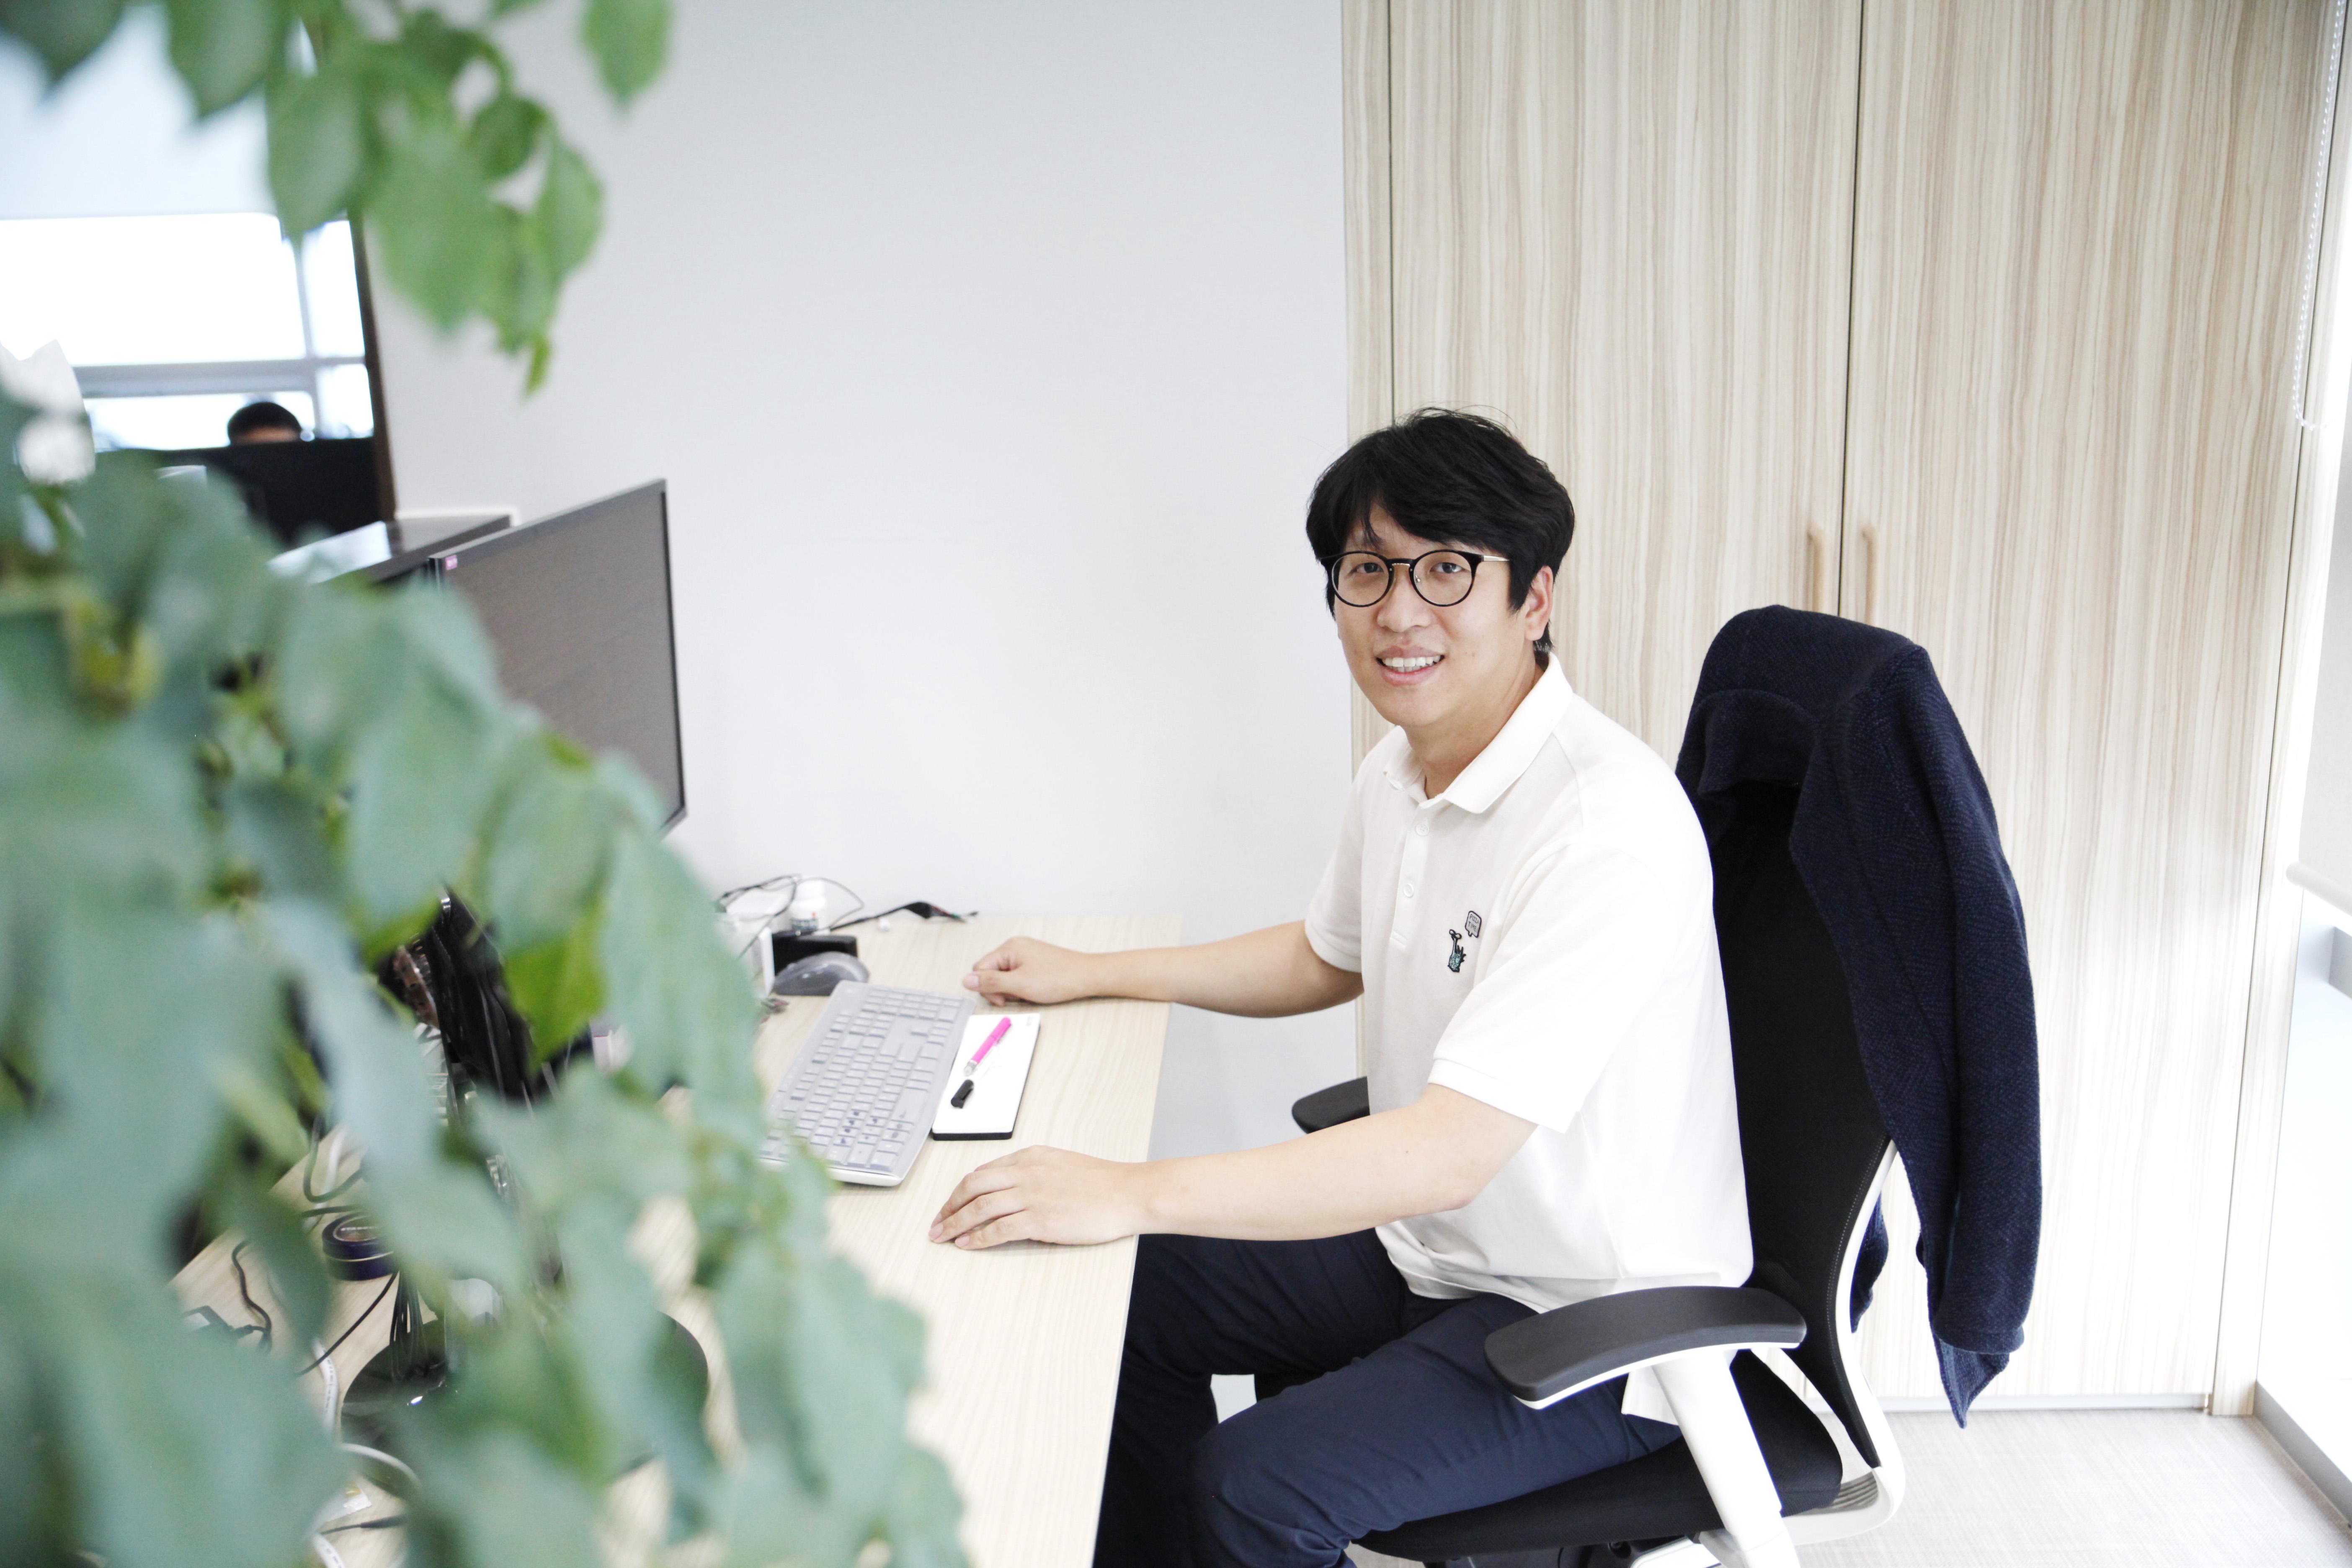 [서울경제]크레인 충돌감지 시스템 보유한 '무스마' 가파른 성장세 '눈길'